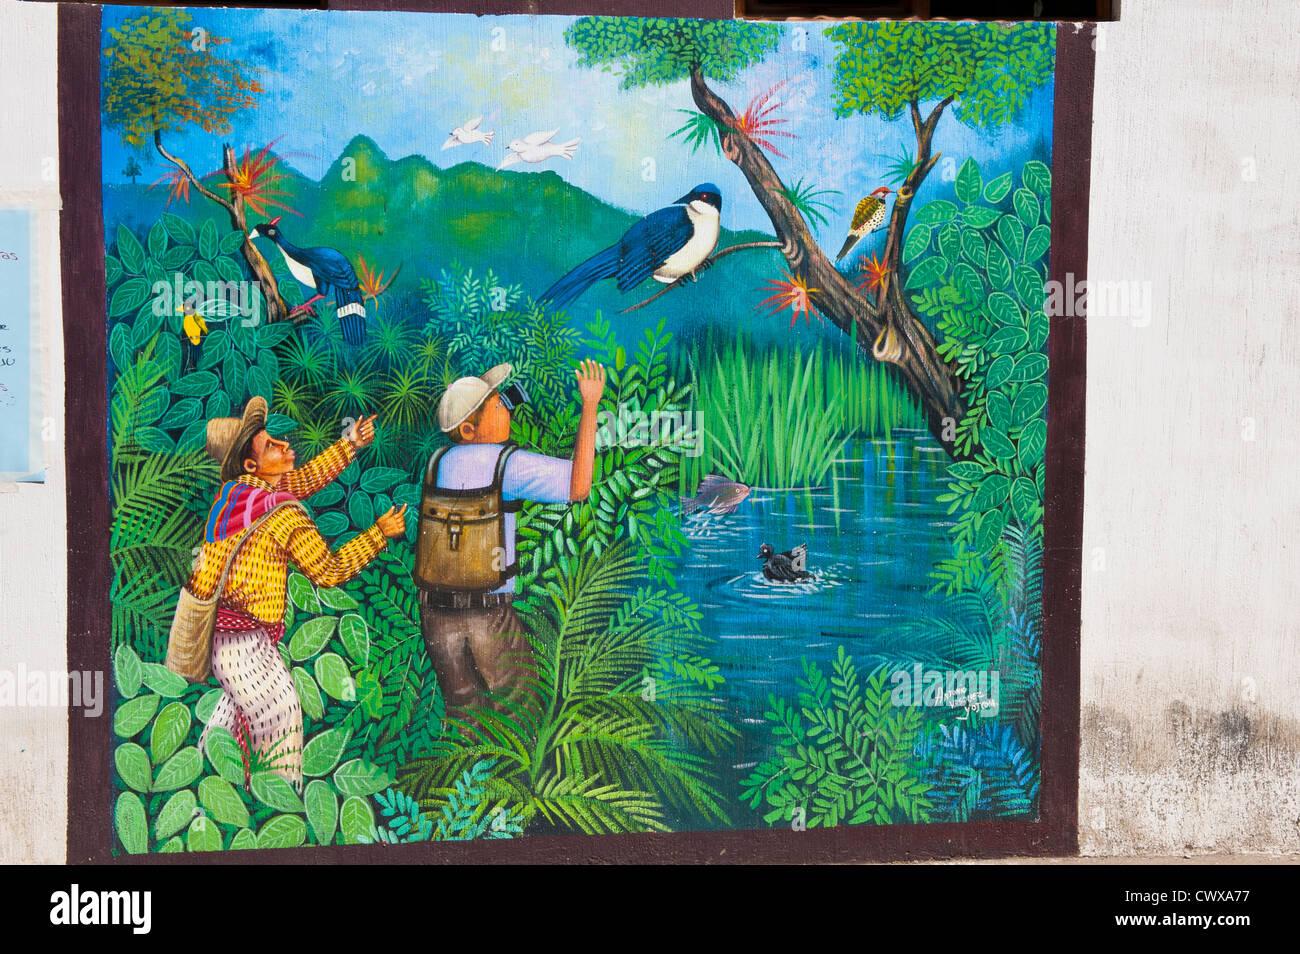 Guatemala, Santiago Atitlan. Wall mural artwork santiago atitlan lago de atitlan lake atitlan guatemala - Stock Image